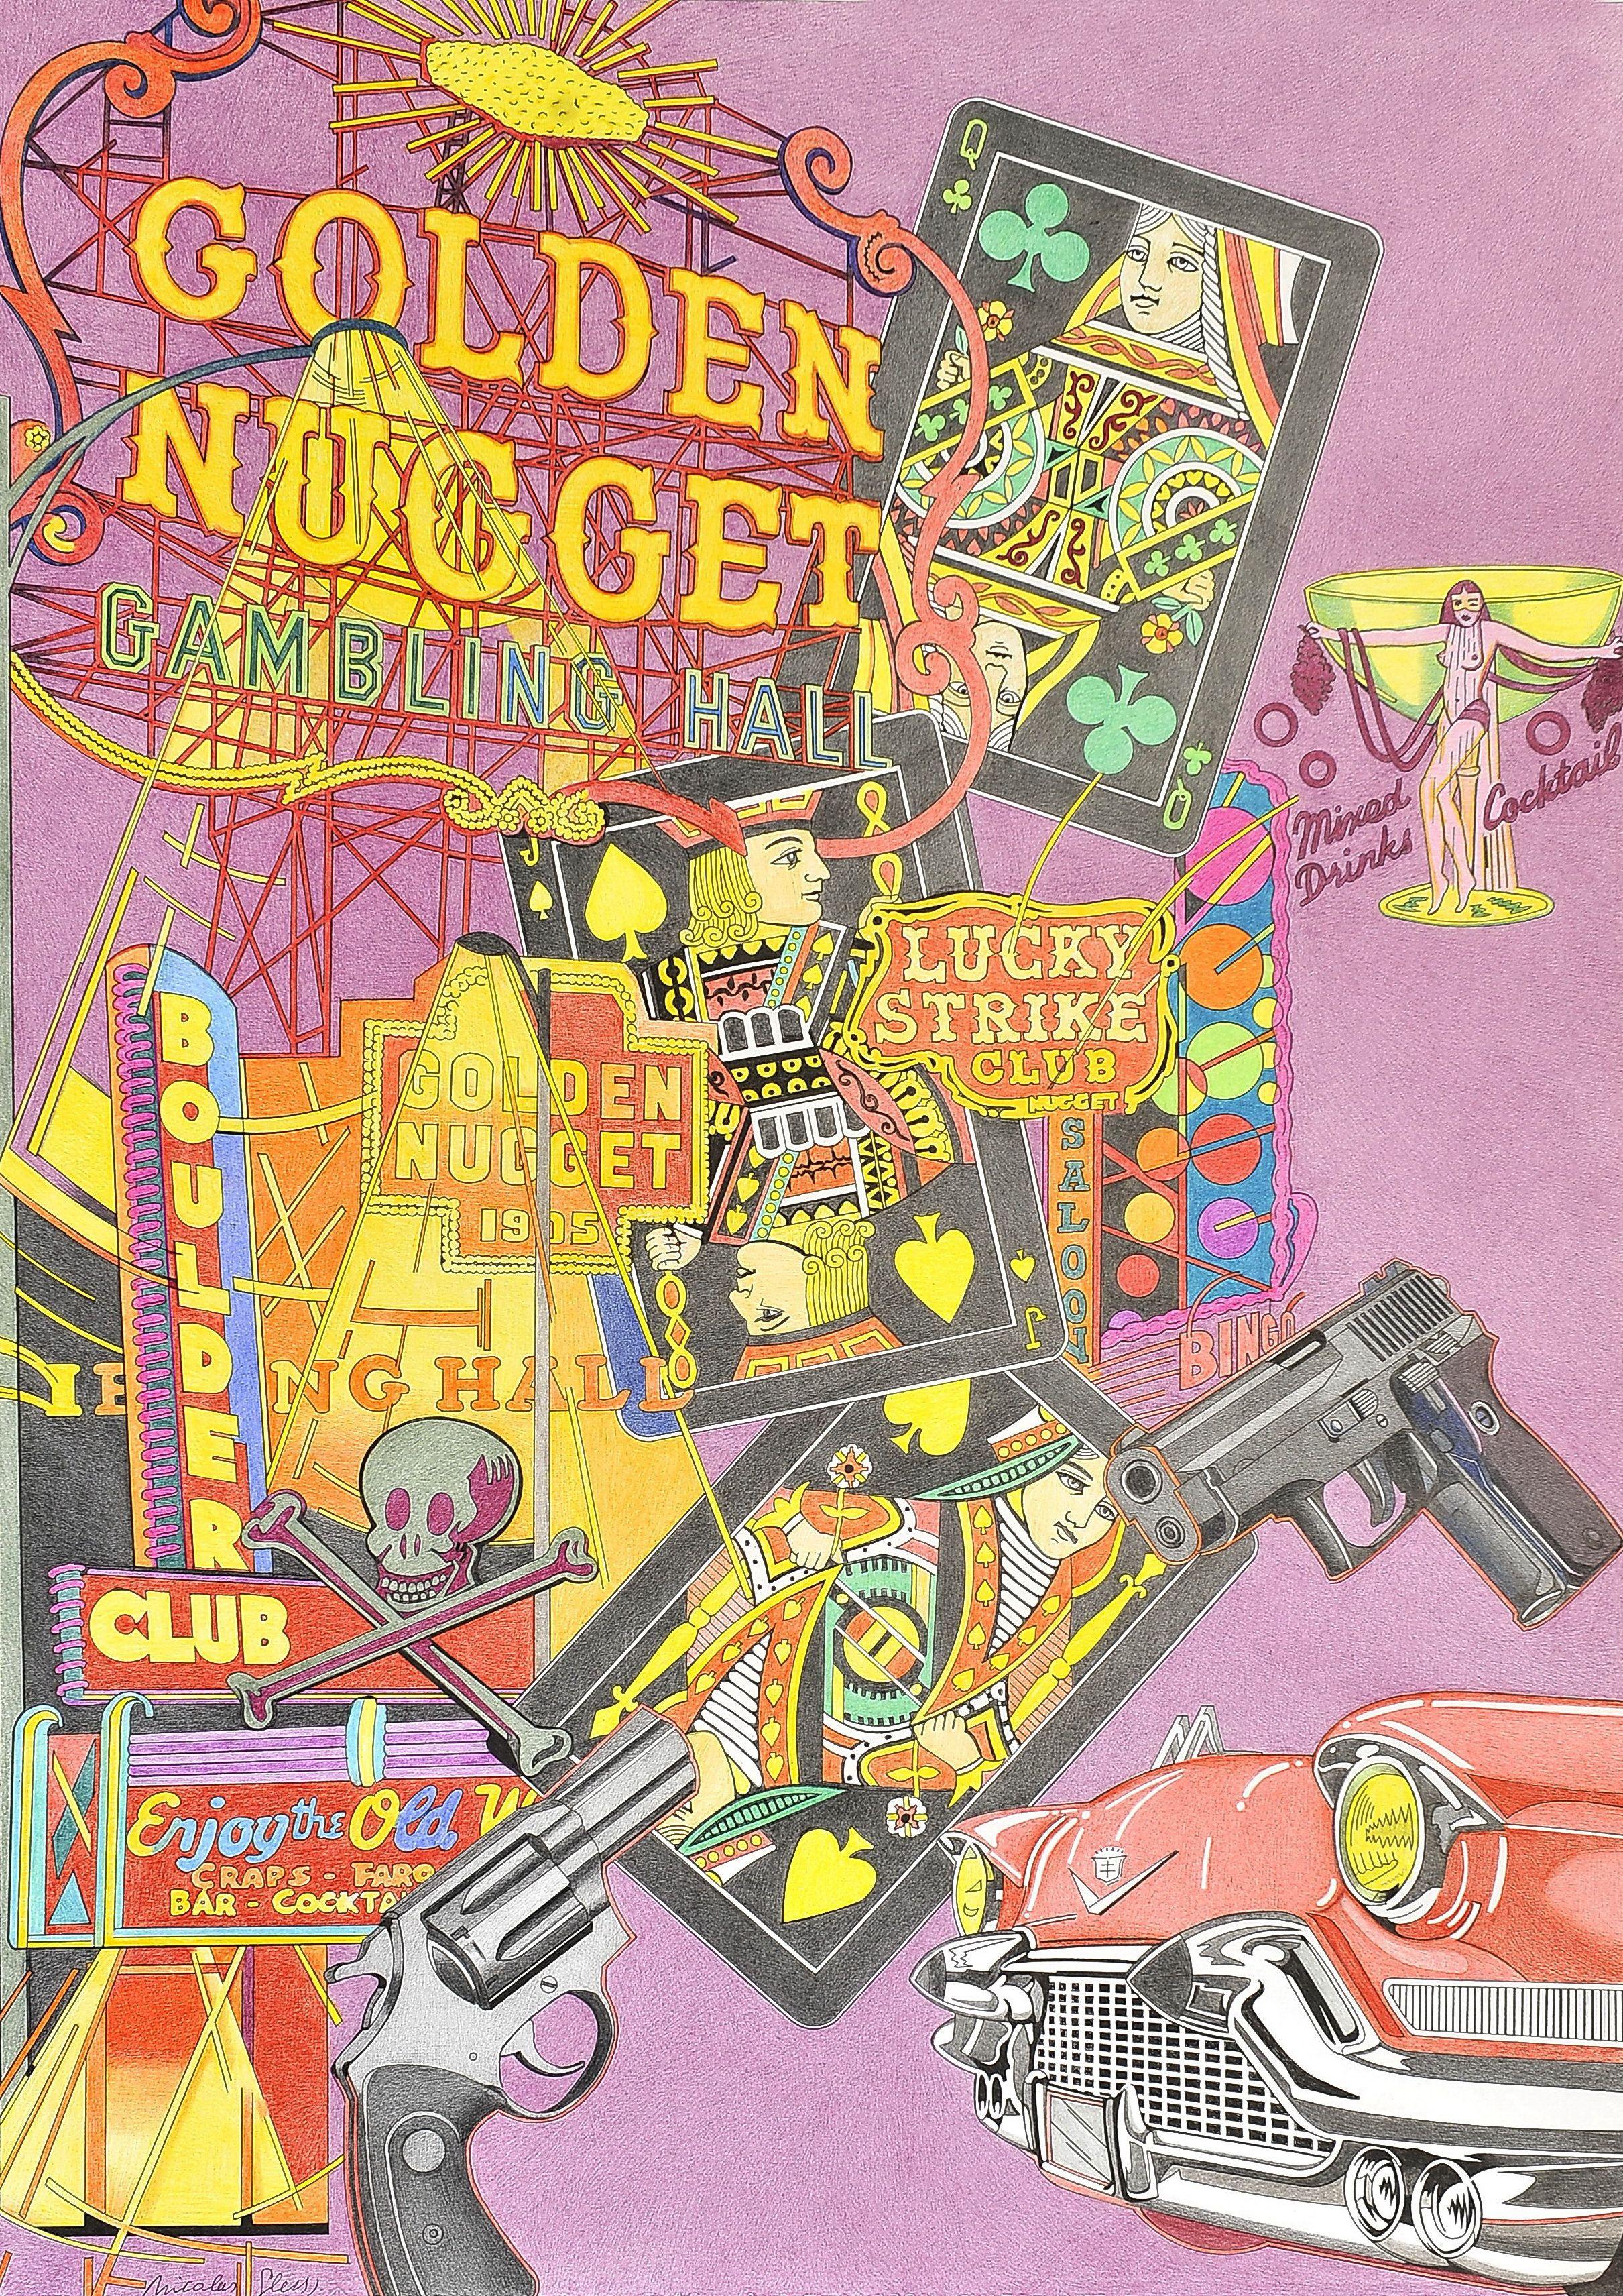 """""""Boulder Club y Golden Nugget"""" son dos míticos casinos de Las Vegas. Siempre quise representar el enorme luminoso del Golden. Aquí aparecen mezclados con revolveres y naipes negros (son dèco)."""